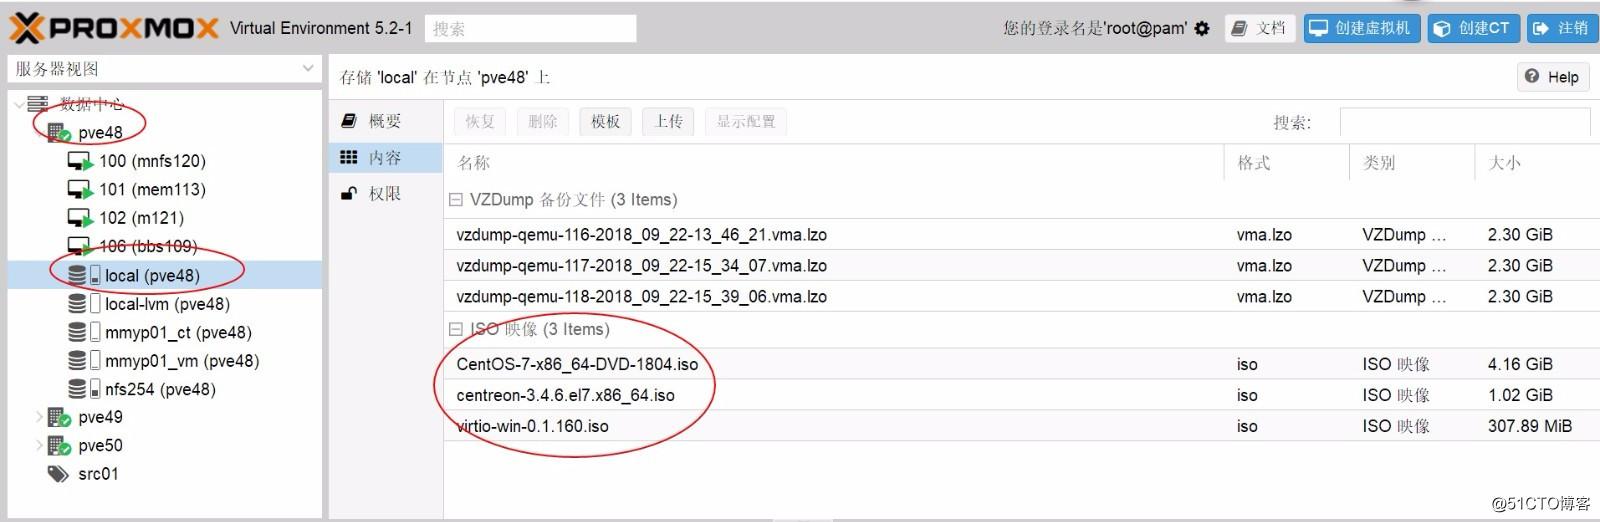 Proxmox 使用nfs备份及存储iso